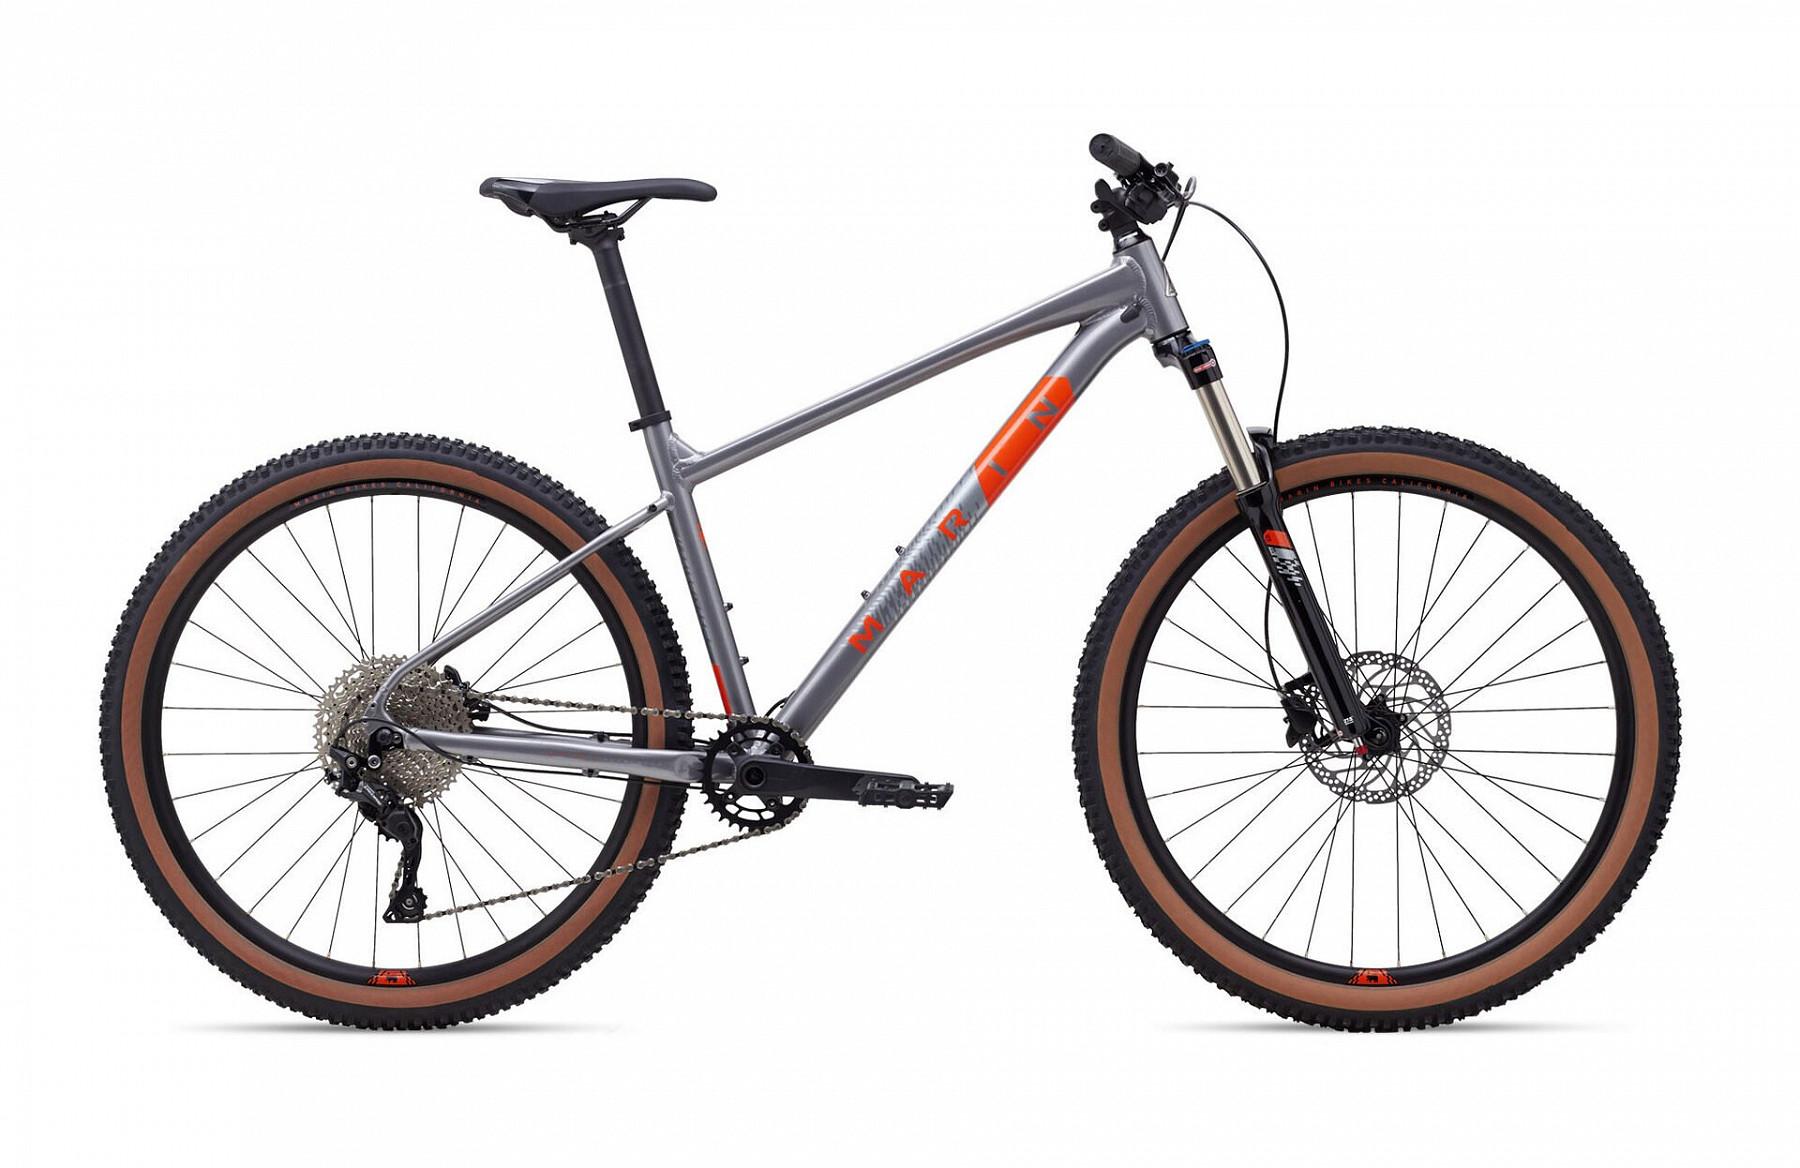 MARIN Bobcat Trail 5 29 2020 - СКИДКА 17% + ПОДАРОК., И-0069300  - купить со скидкой